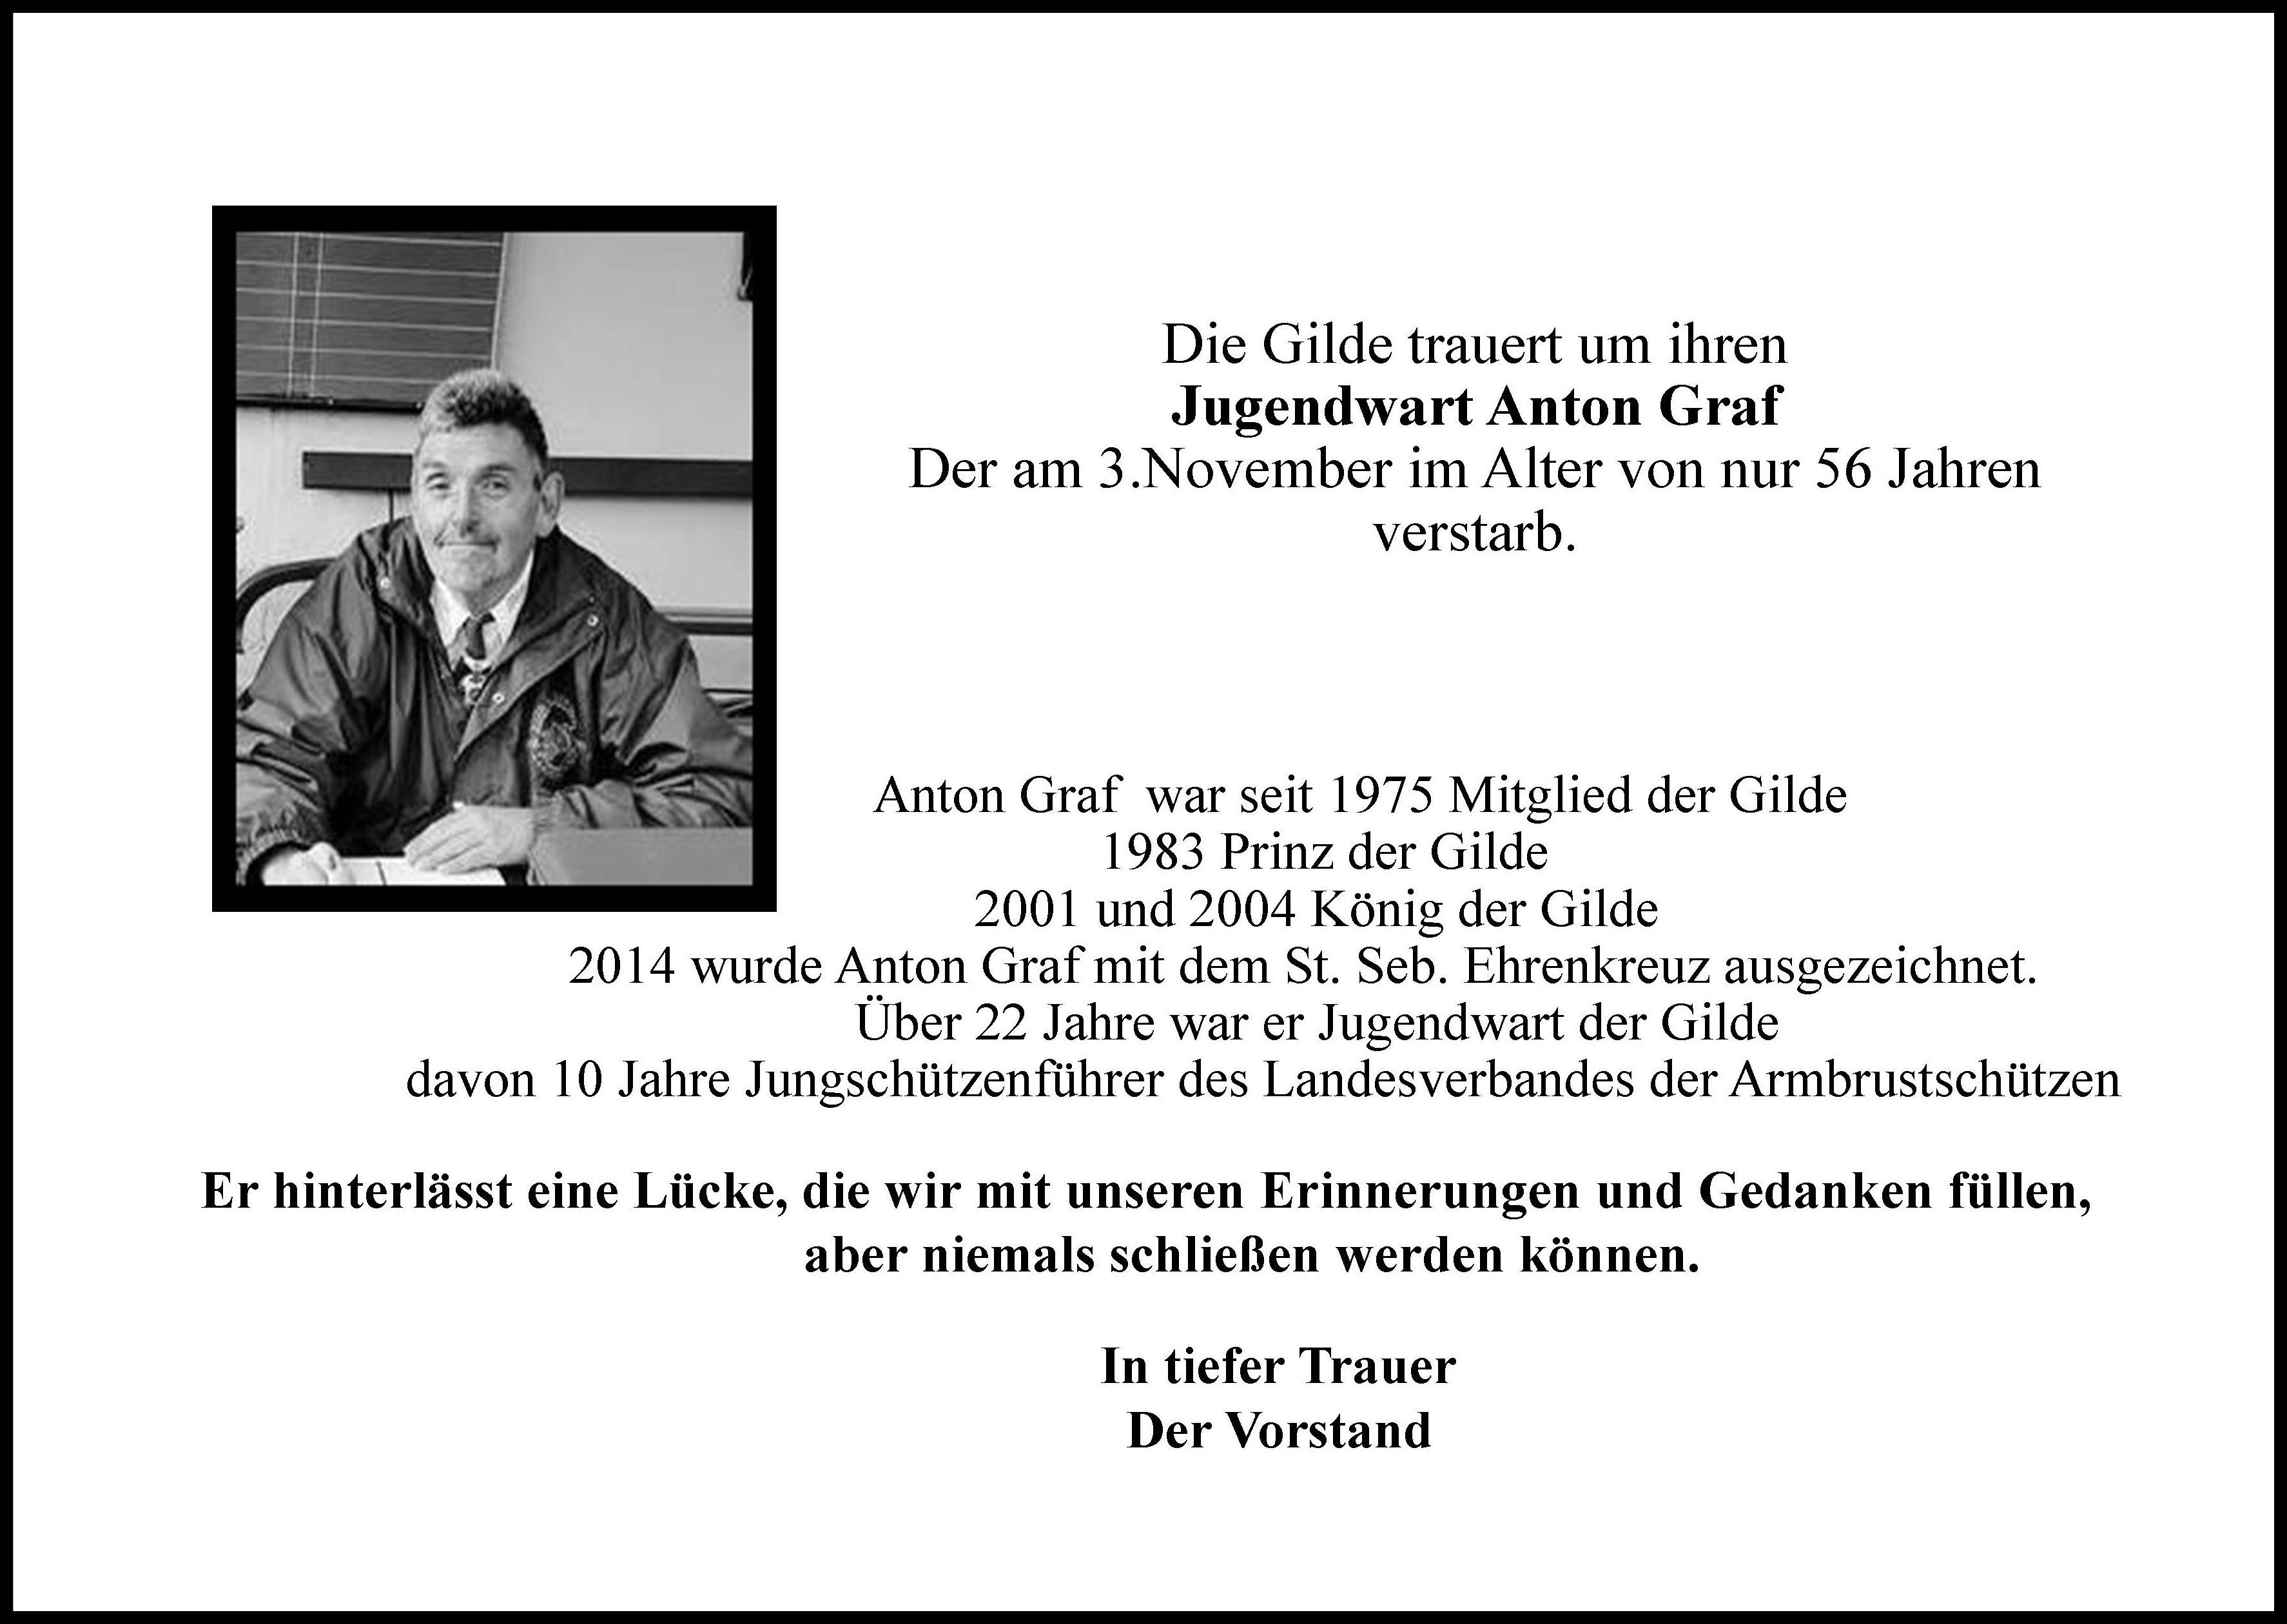 Die Gilde trauert um Anton Graf